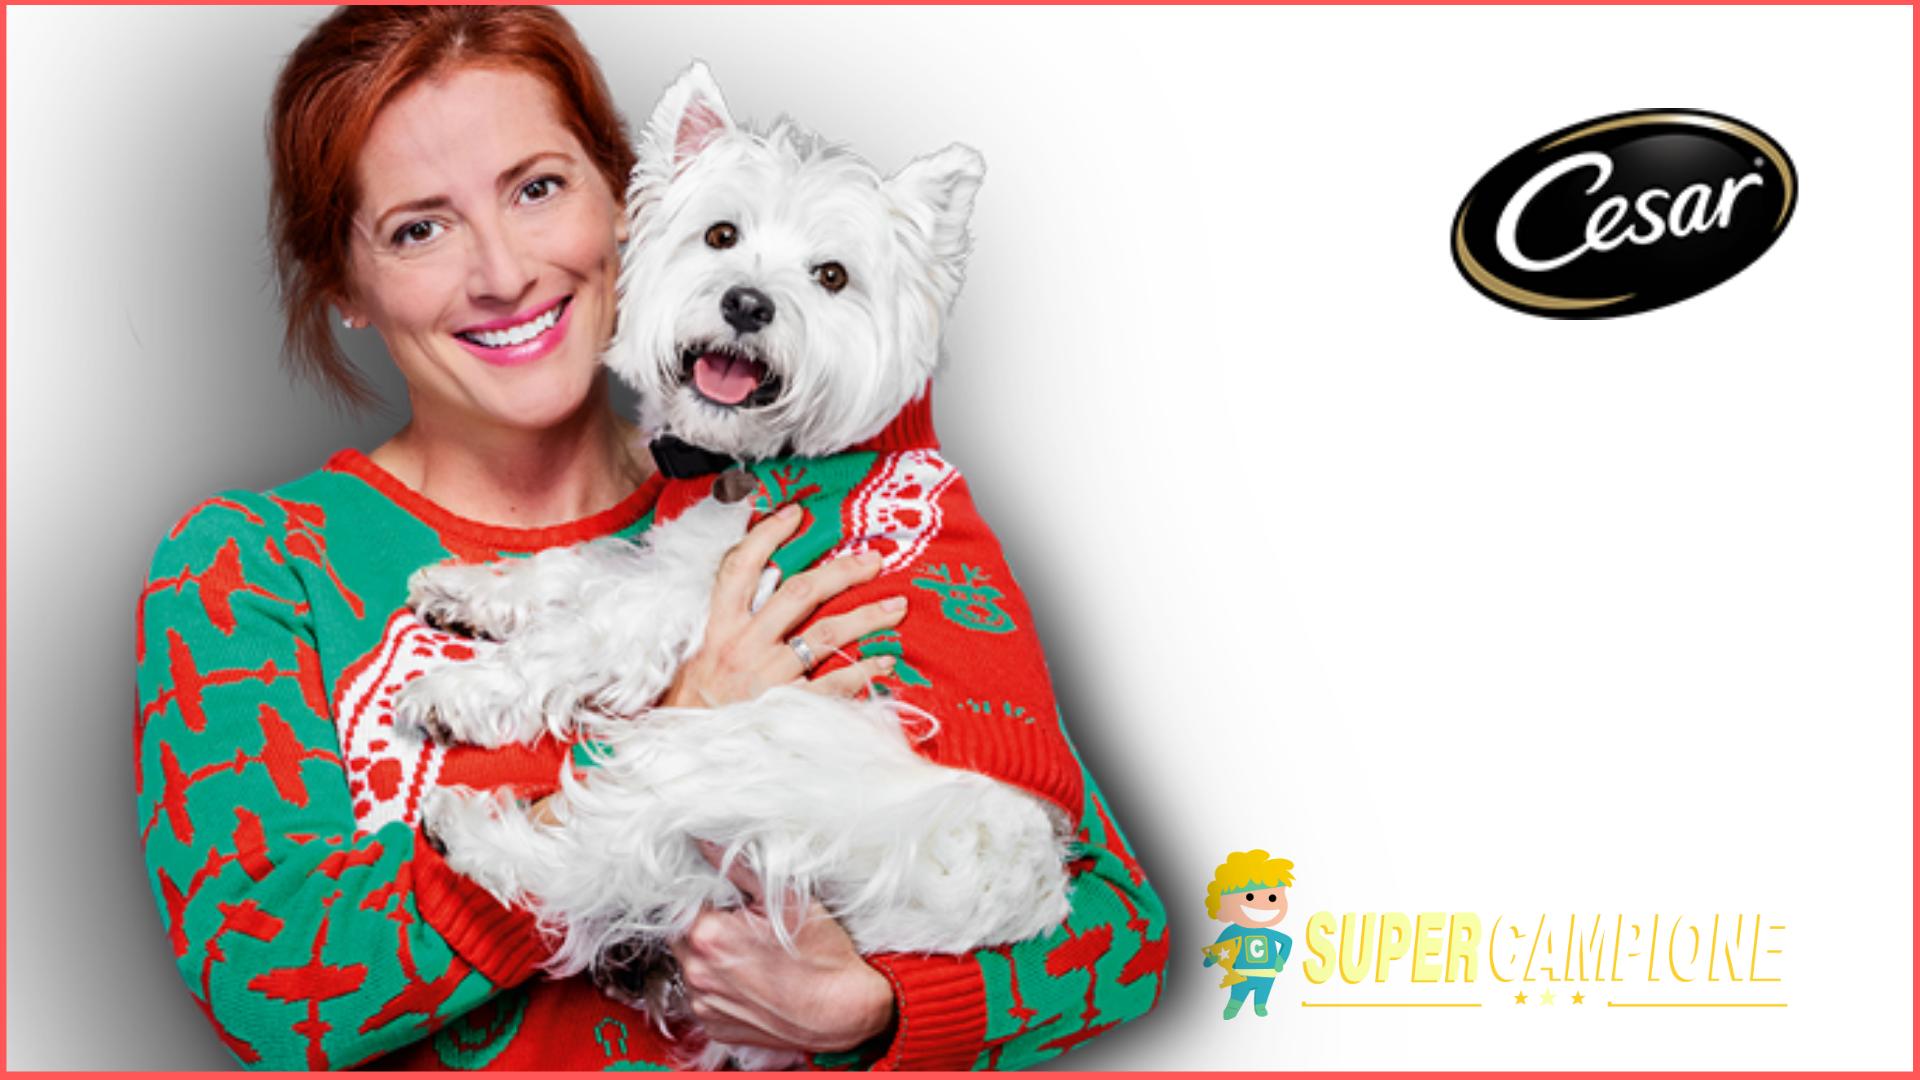 Supercampione - Vinci un set di maglioni per te e per il tuo cane con Cesar